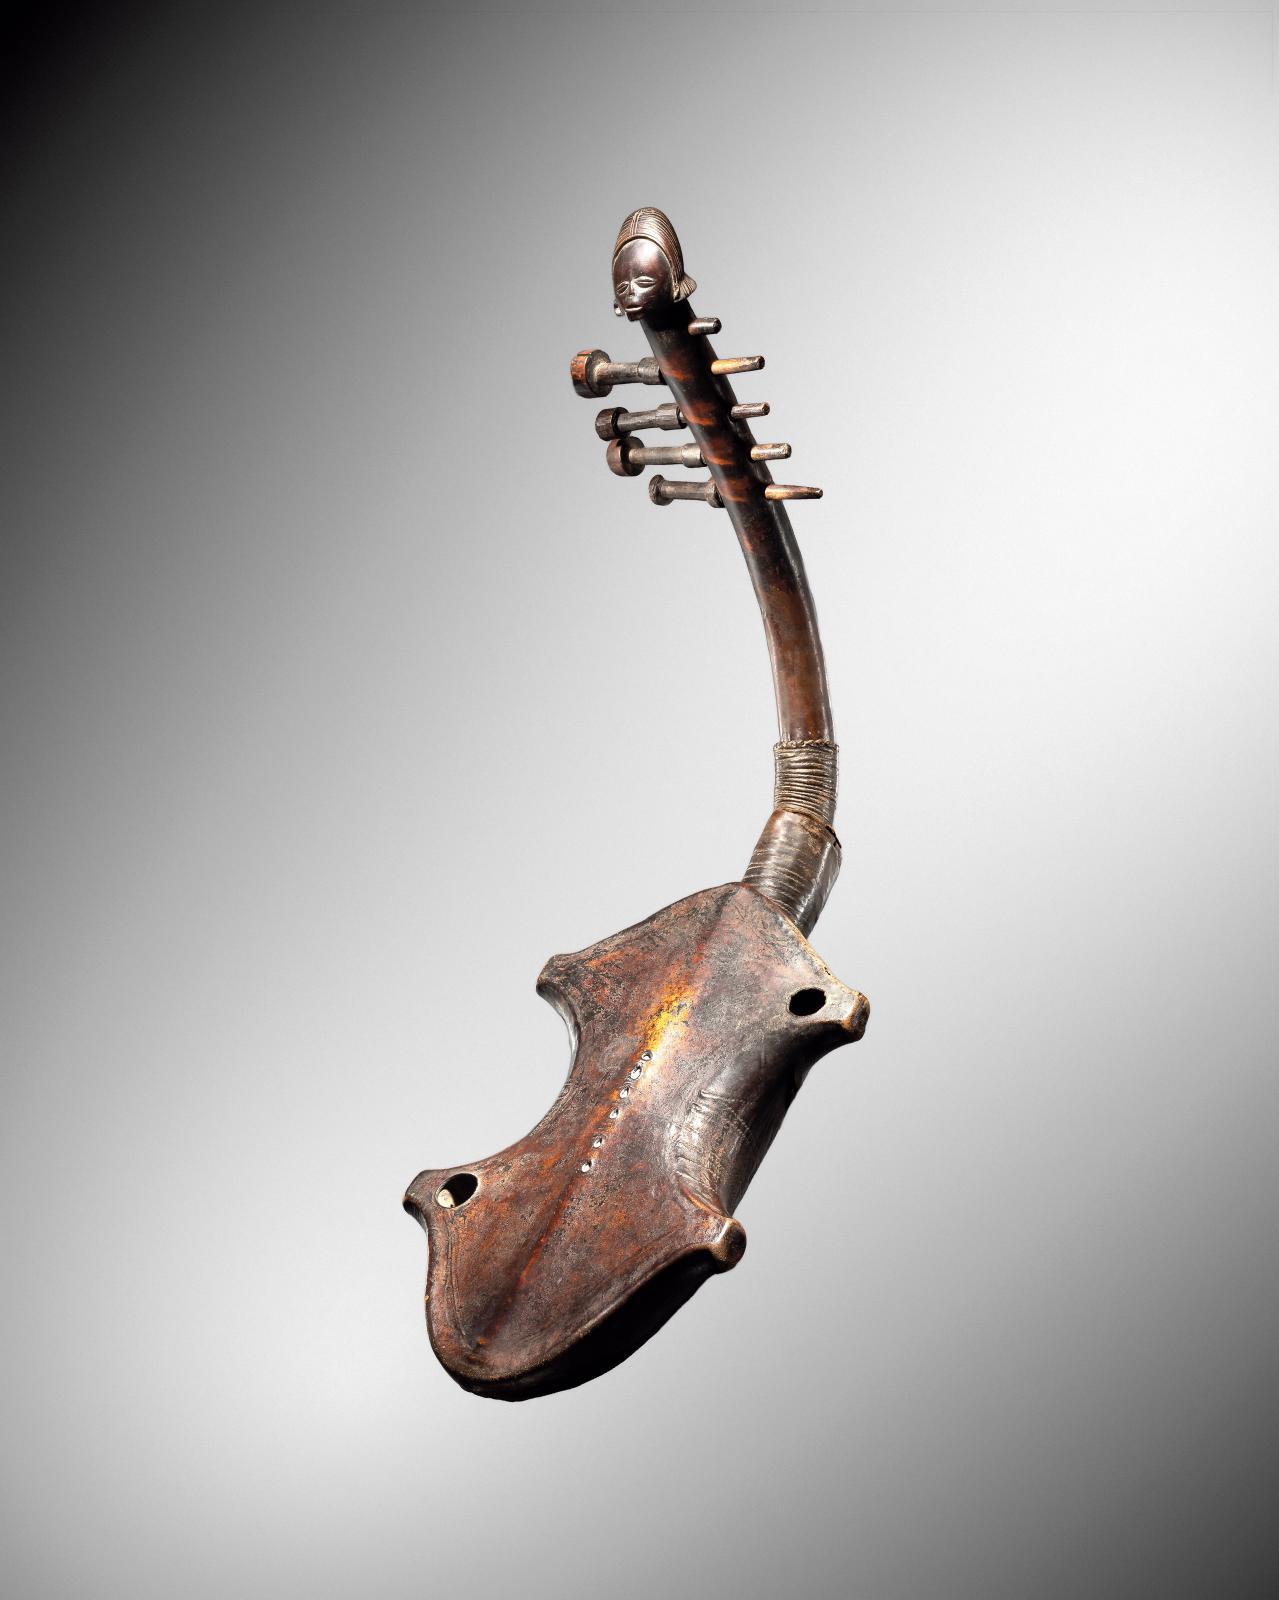 Harpe zandé, République démocratique du Congo, fin du XIXe-début du XXe siècle, bois, peau, h. 63 cm. Galerie Bernard Dulon. Hughes Dubois